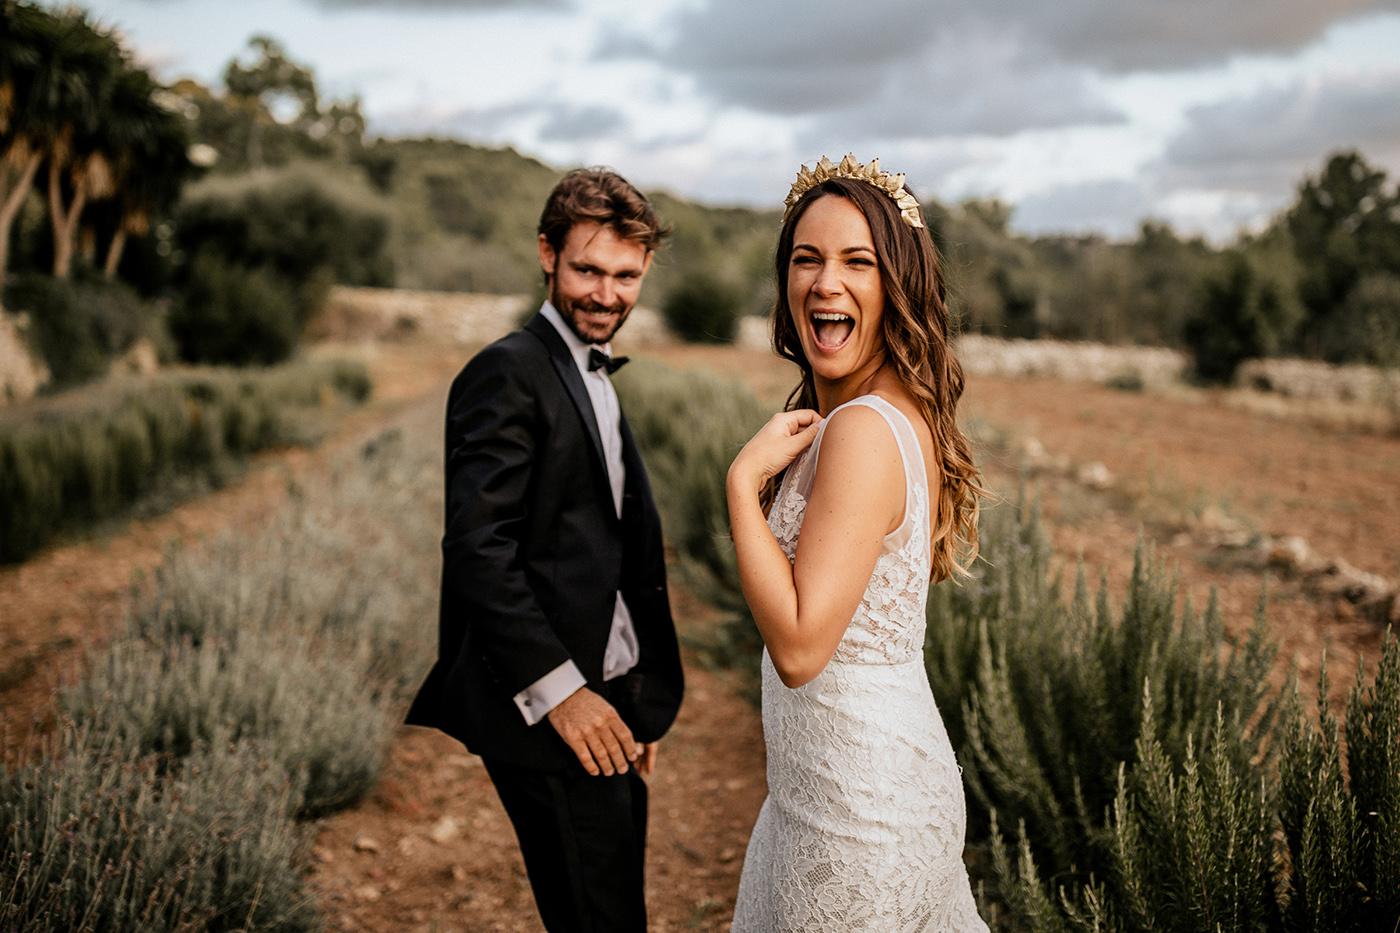 Finca Hochzeit Mallorca heiraten in Spanien auf einer Finca